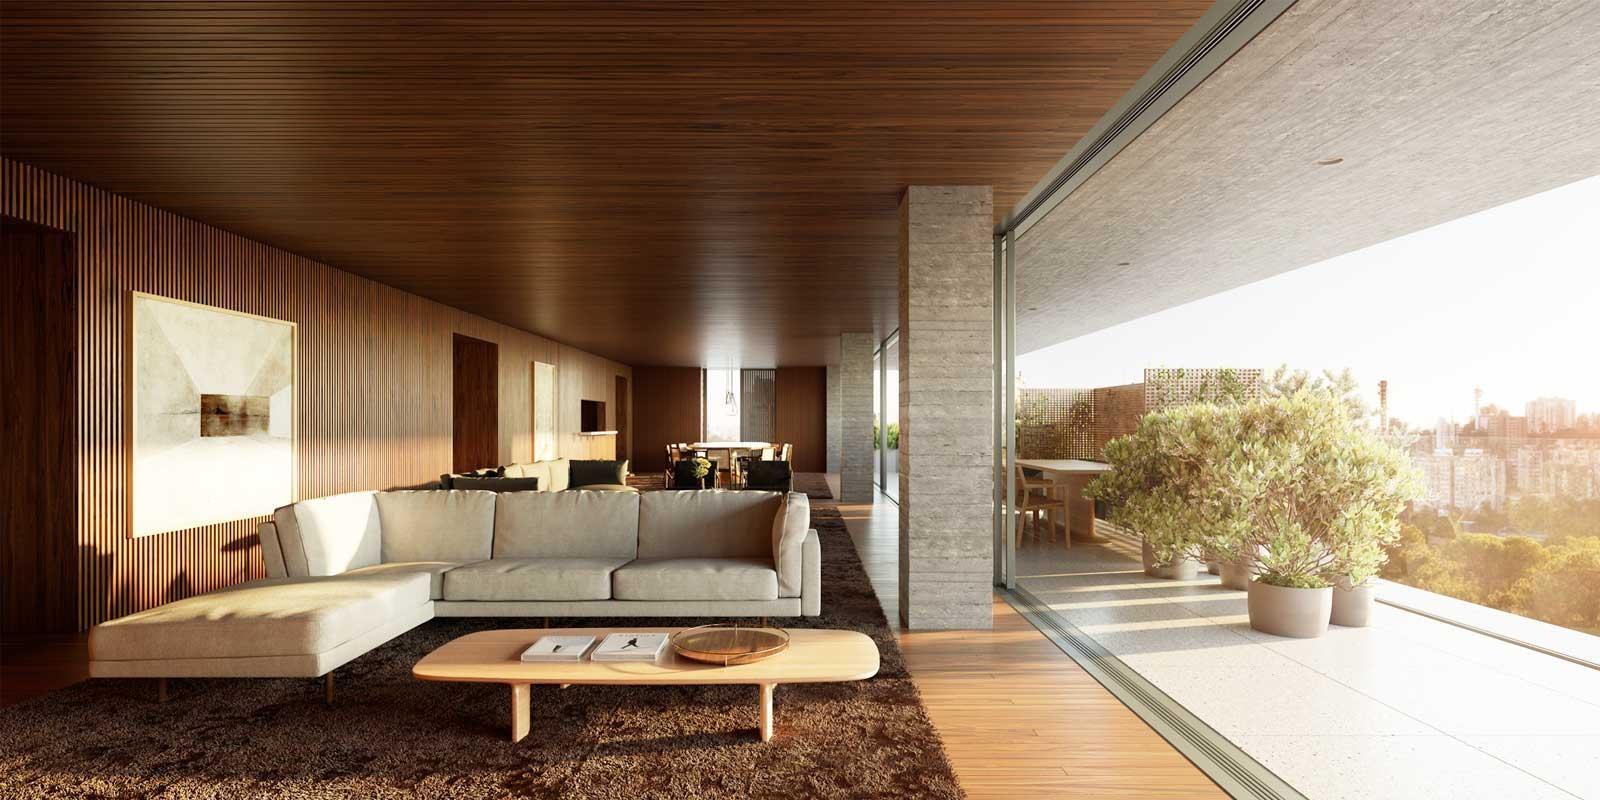 TPS Imóveis - Veja Foto 5 de 20 do Apartamento com 3 dormitórios no Bairro Bela Vista, Porto Alegre